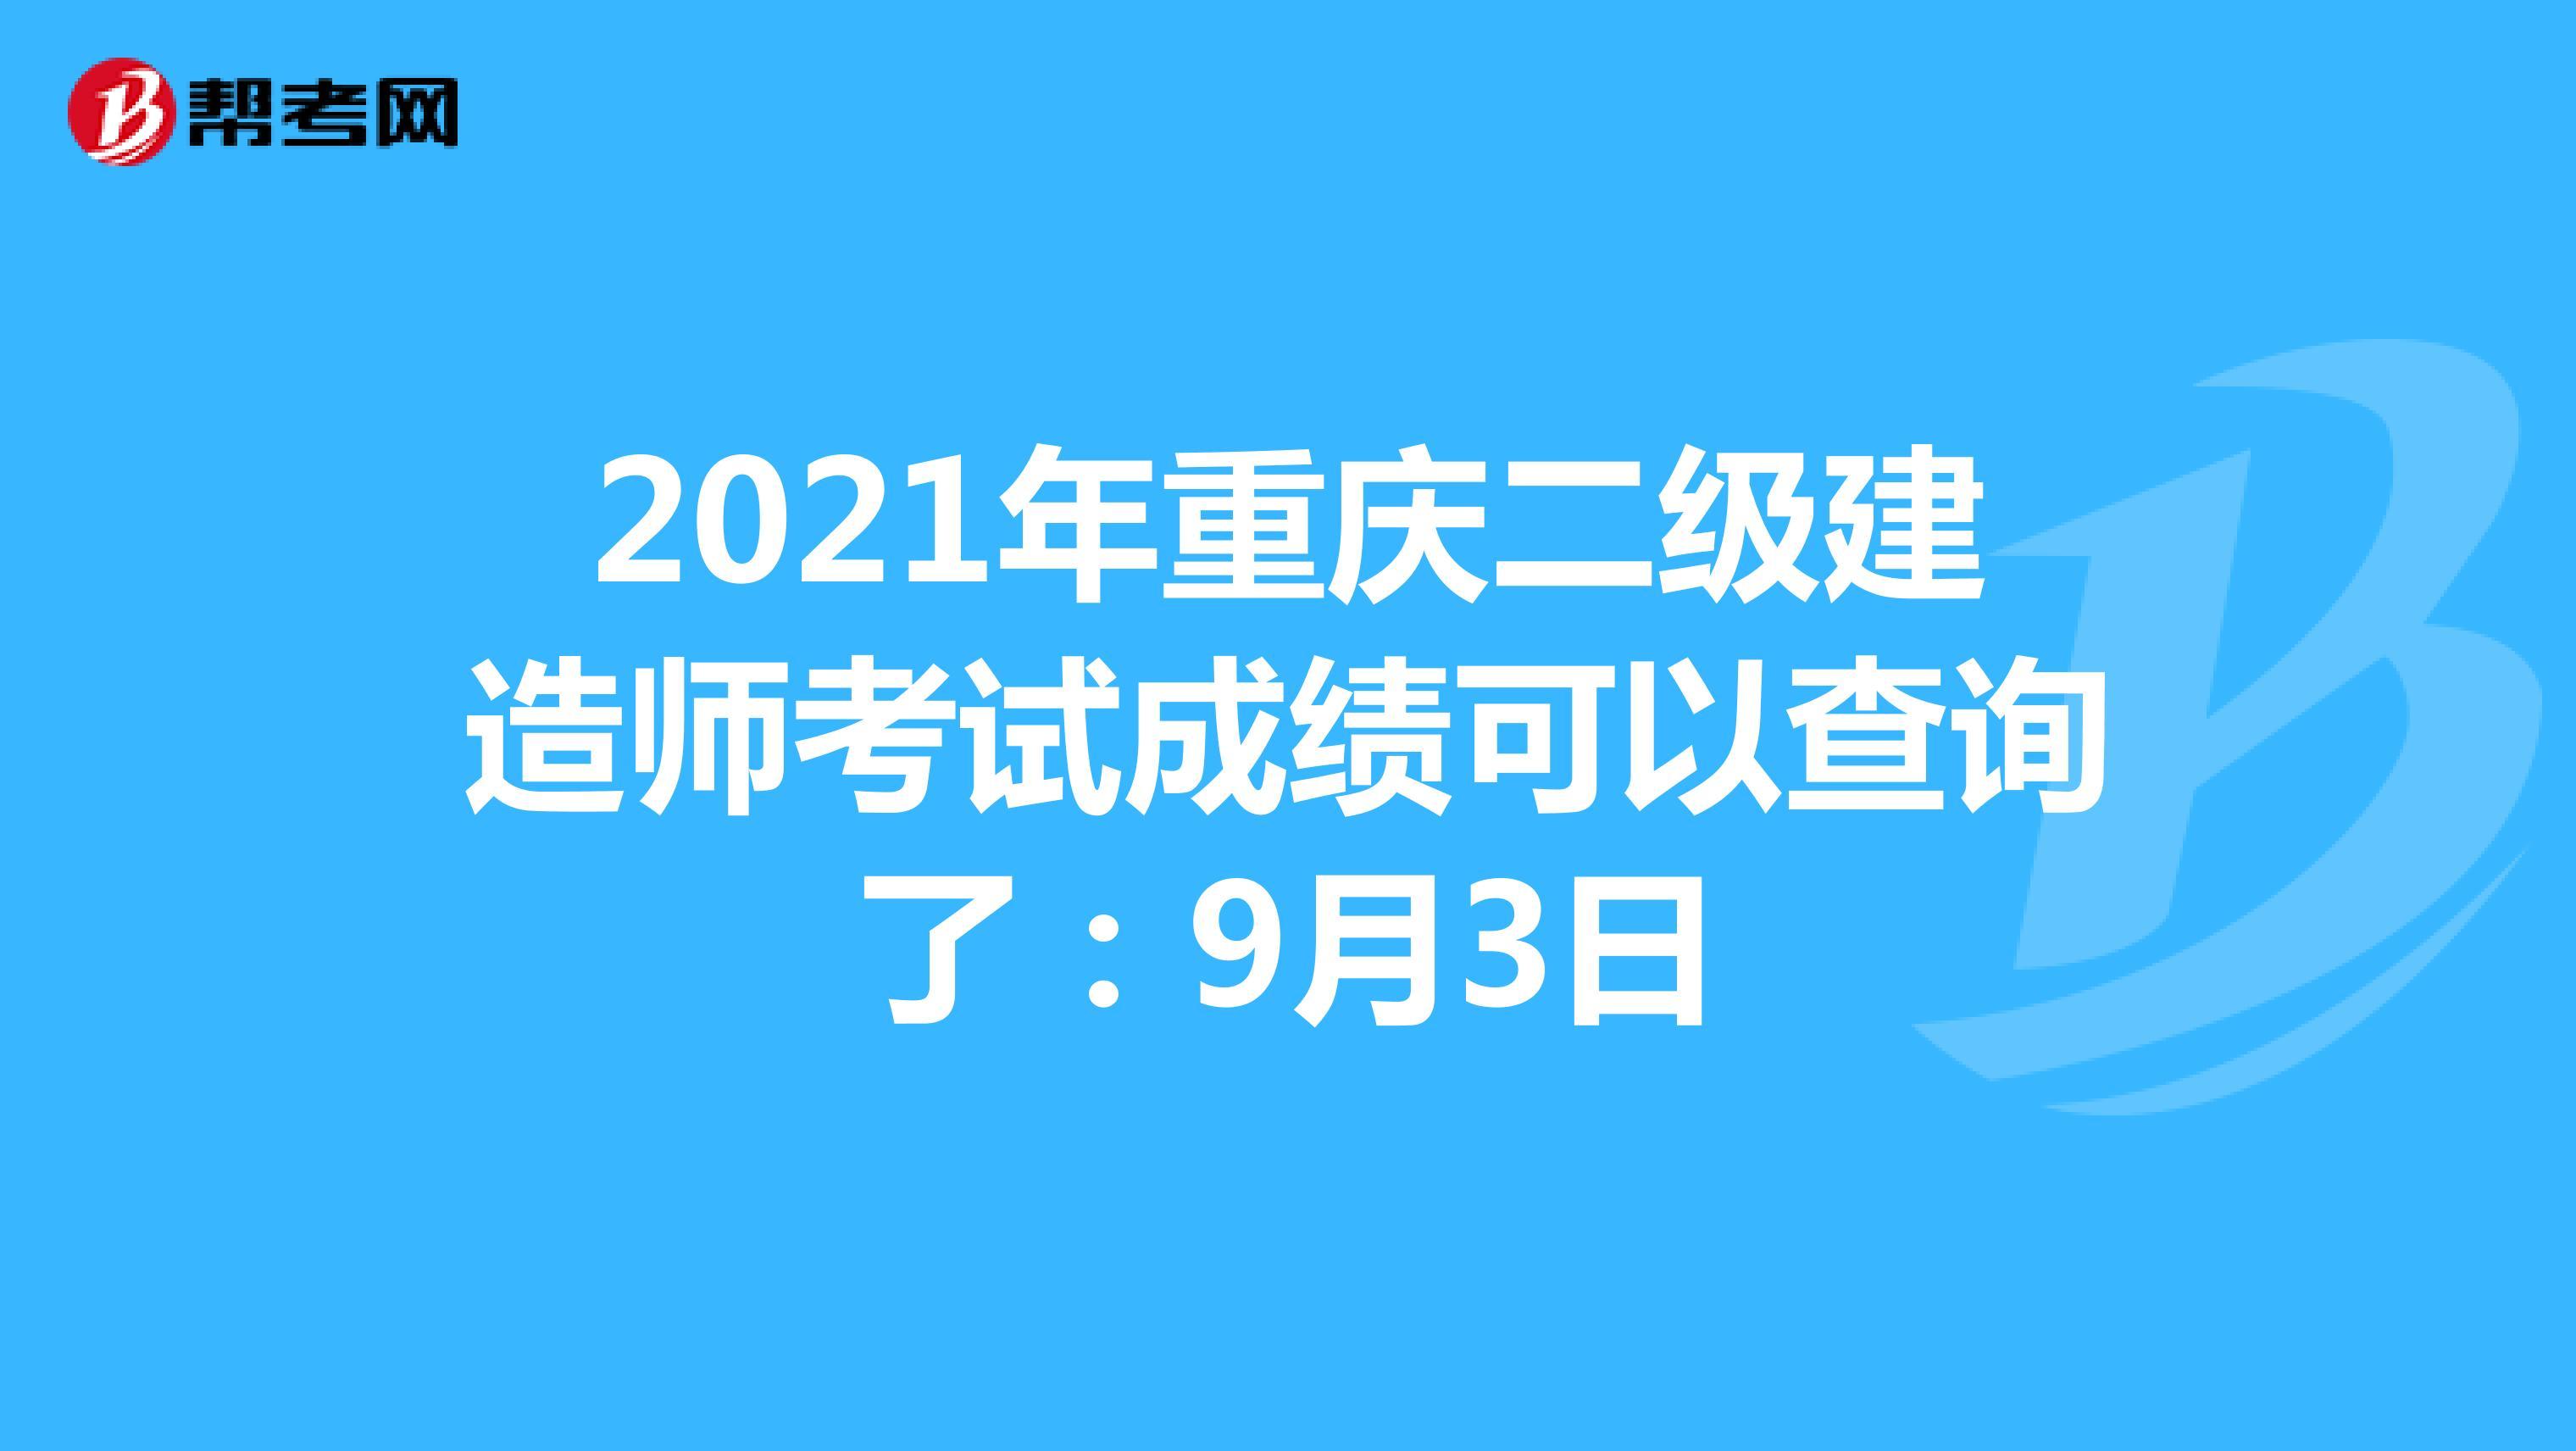 2021年重庆二级建造师考试成绩可以查询了:9月3日